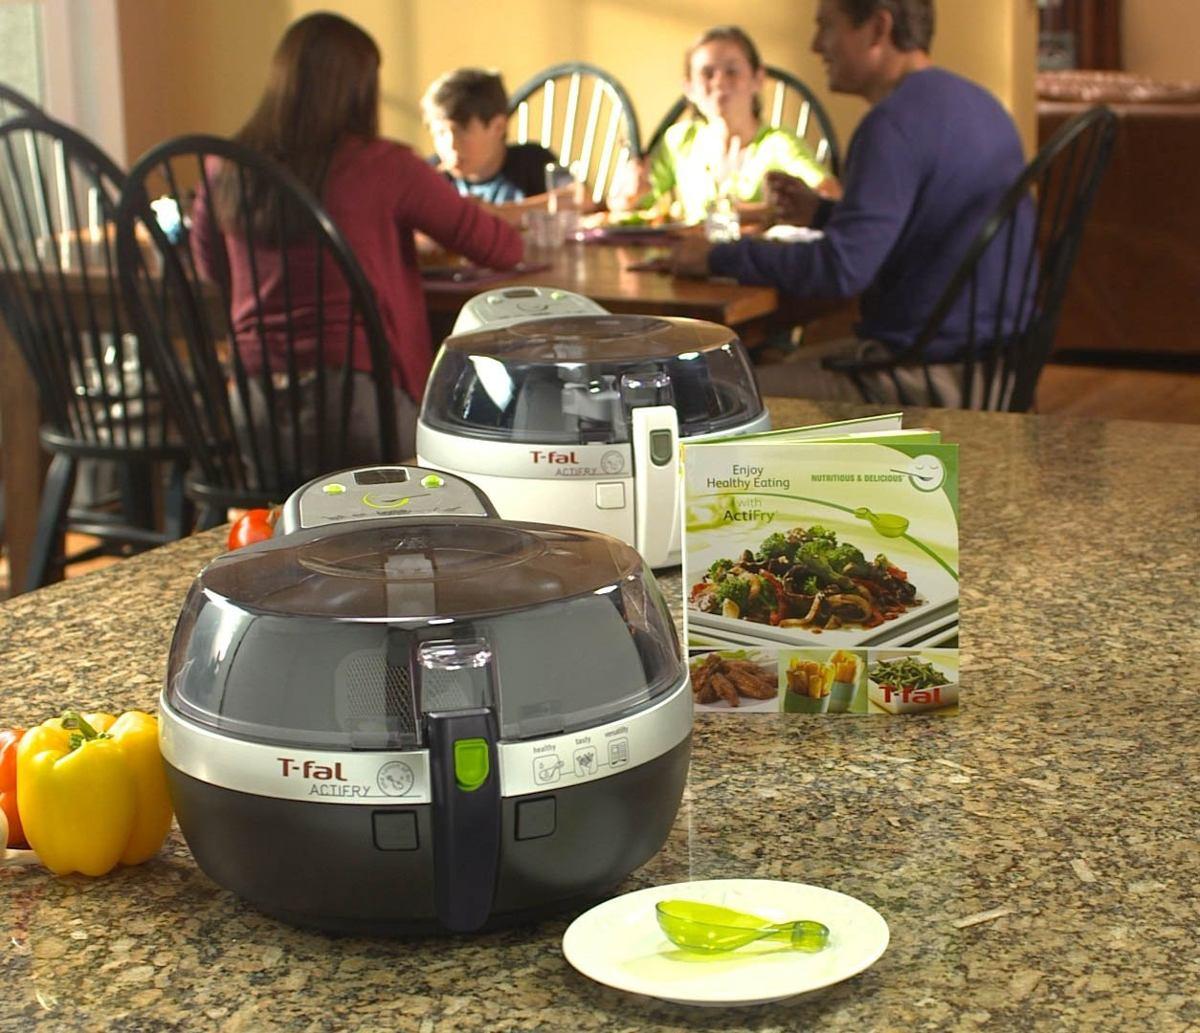 Exclusivo acti fry de t fal cocina saludable importado for Cocina saludable